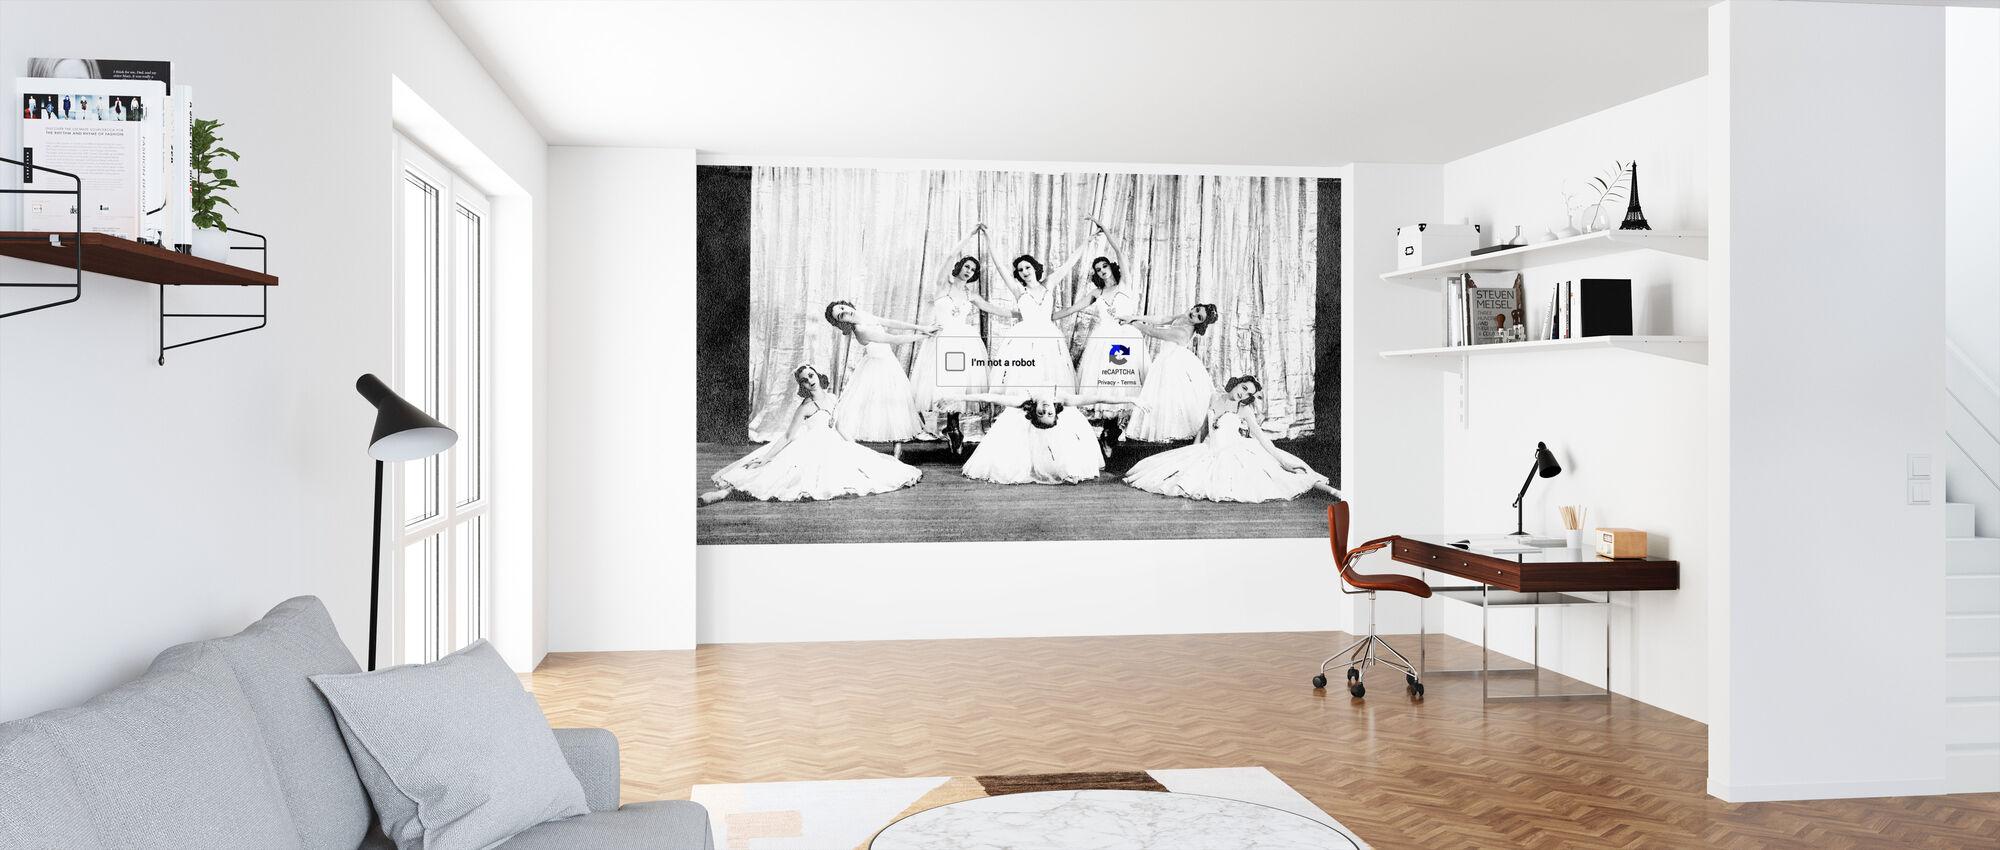 Im Not a Robot - Wallpaper - Office